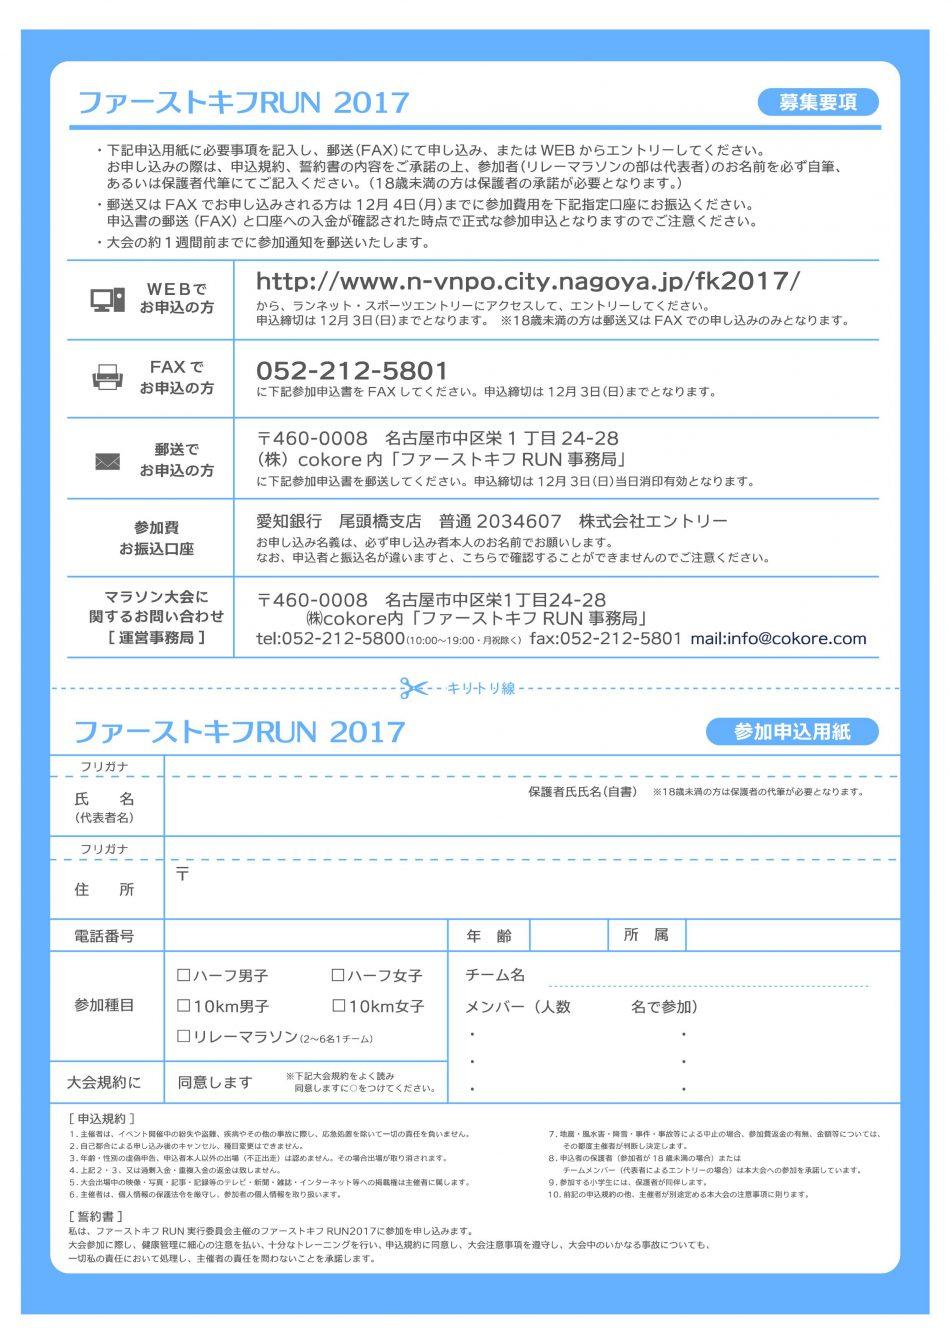 kifu_run2017_02